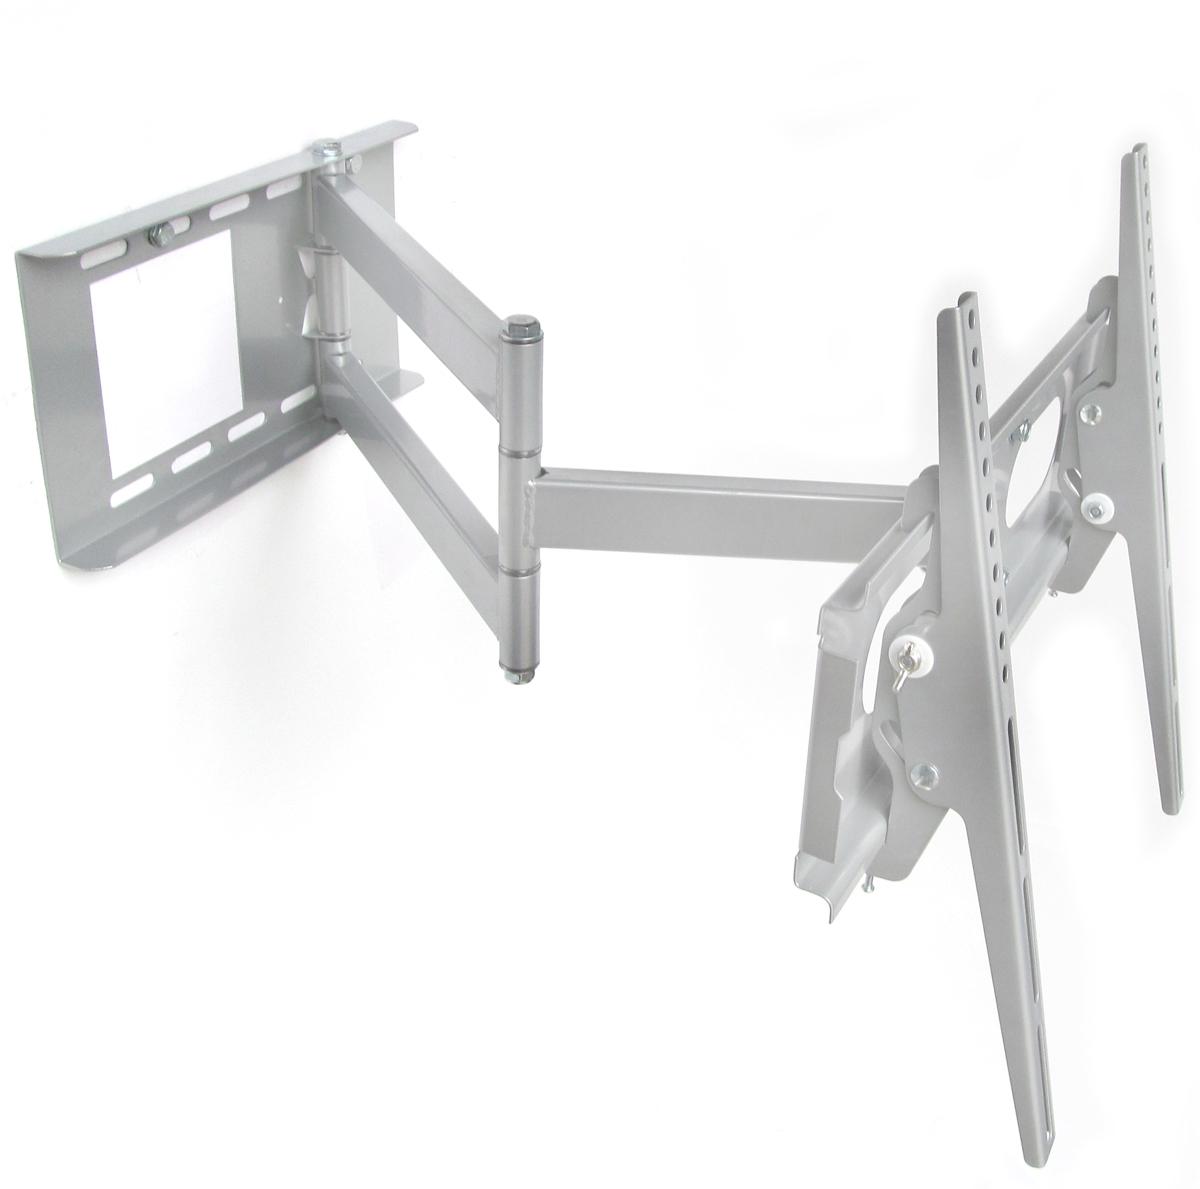 schwenkbare tv wandhalterung ausziehbar mit neigung farbe silber mit kabelkanal. Black Bedroom Furniture Sets. Home Design Ideas